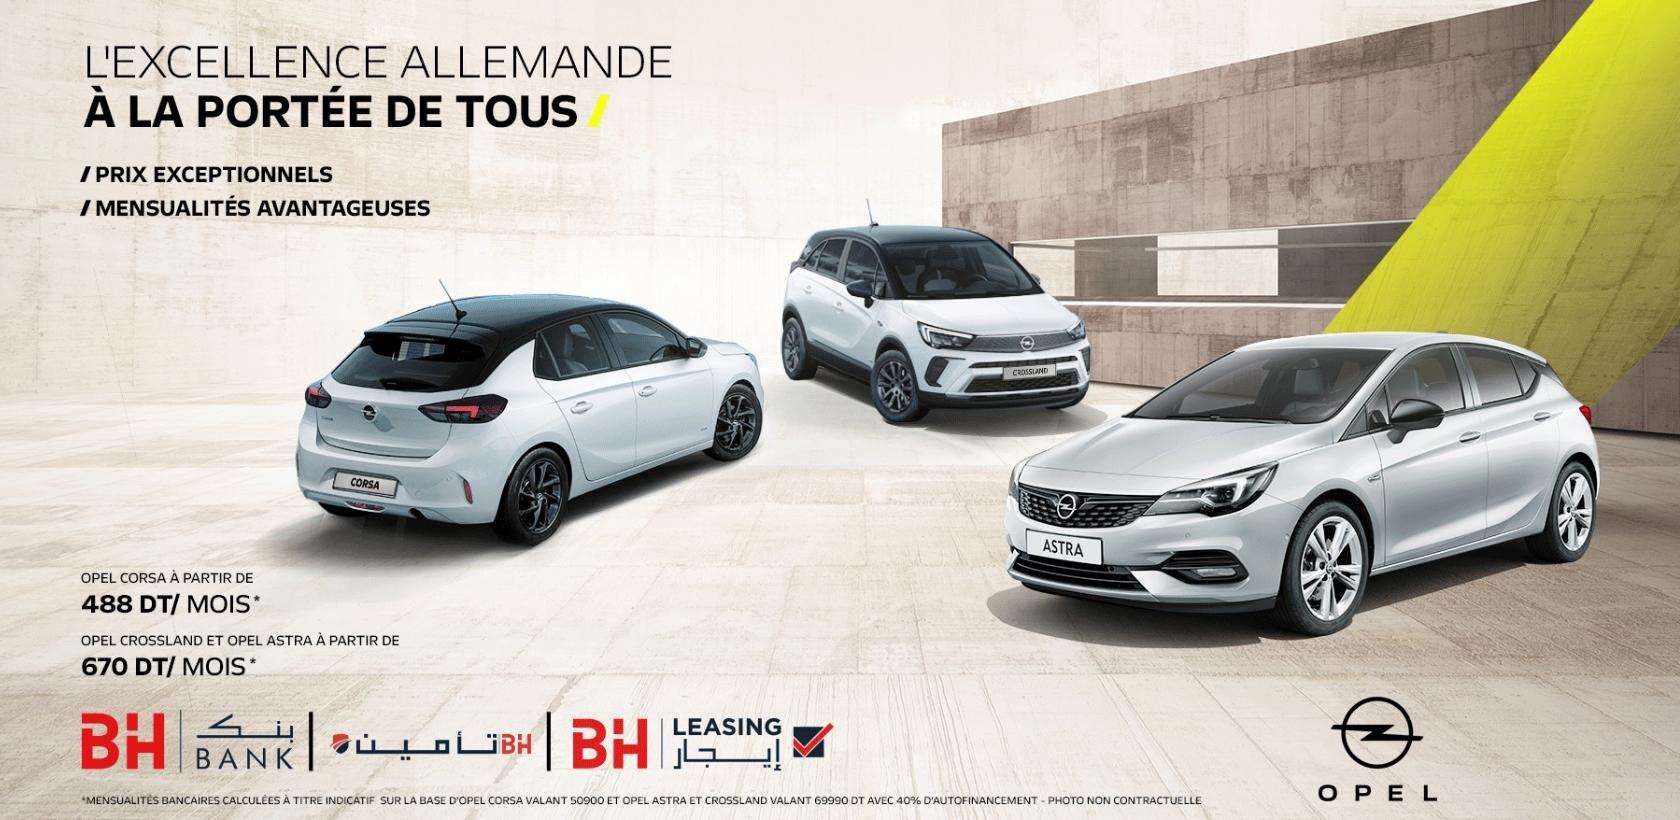 Opel, l'excellence allemande à la portée de tous